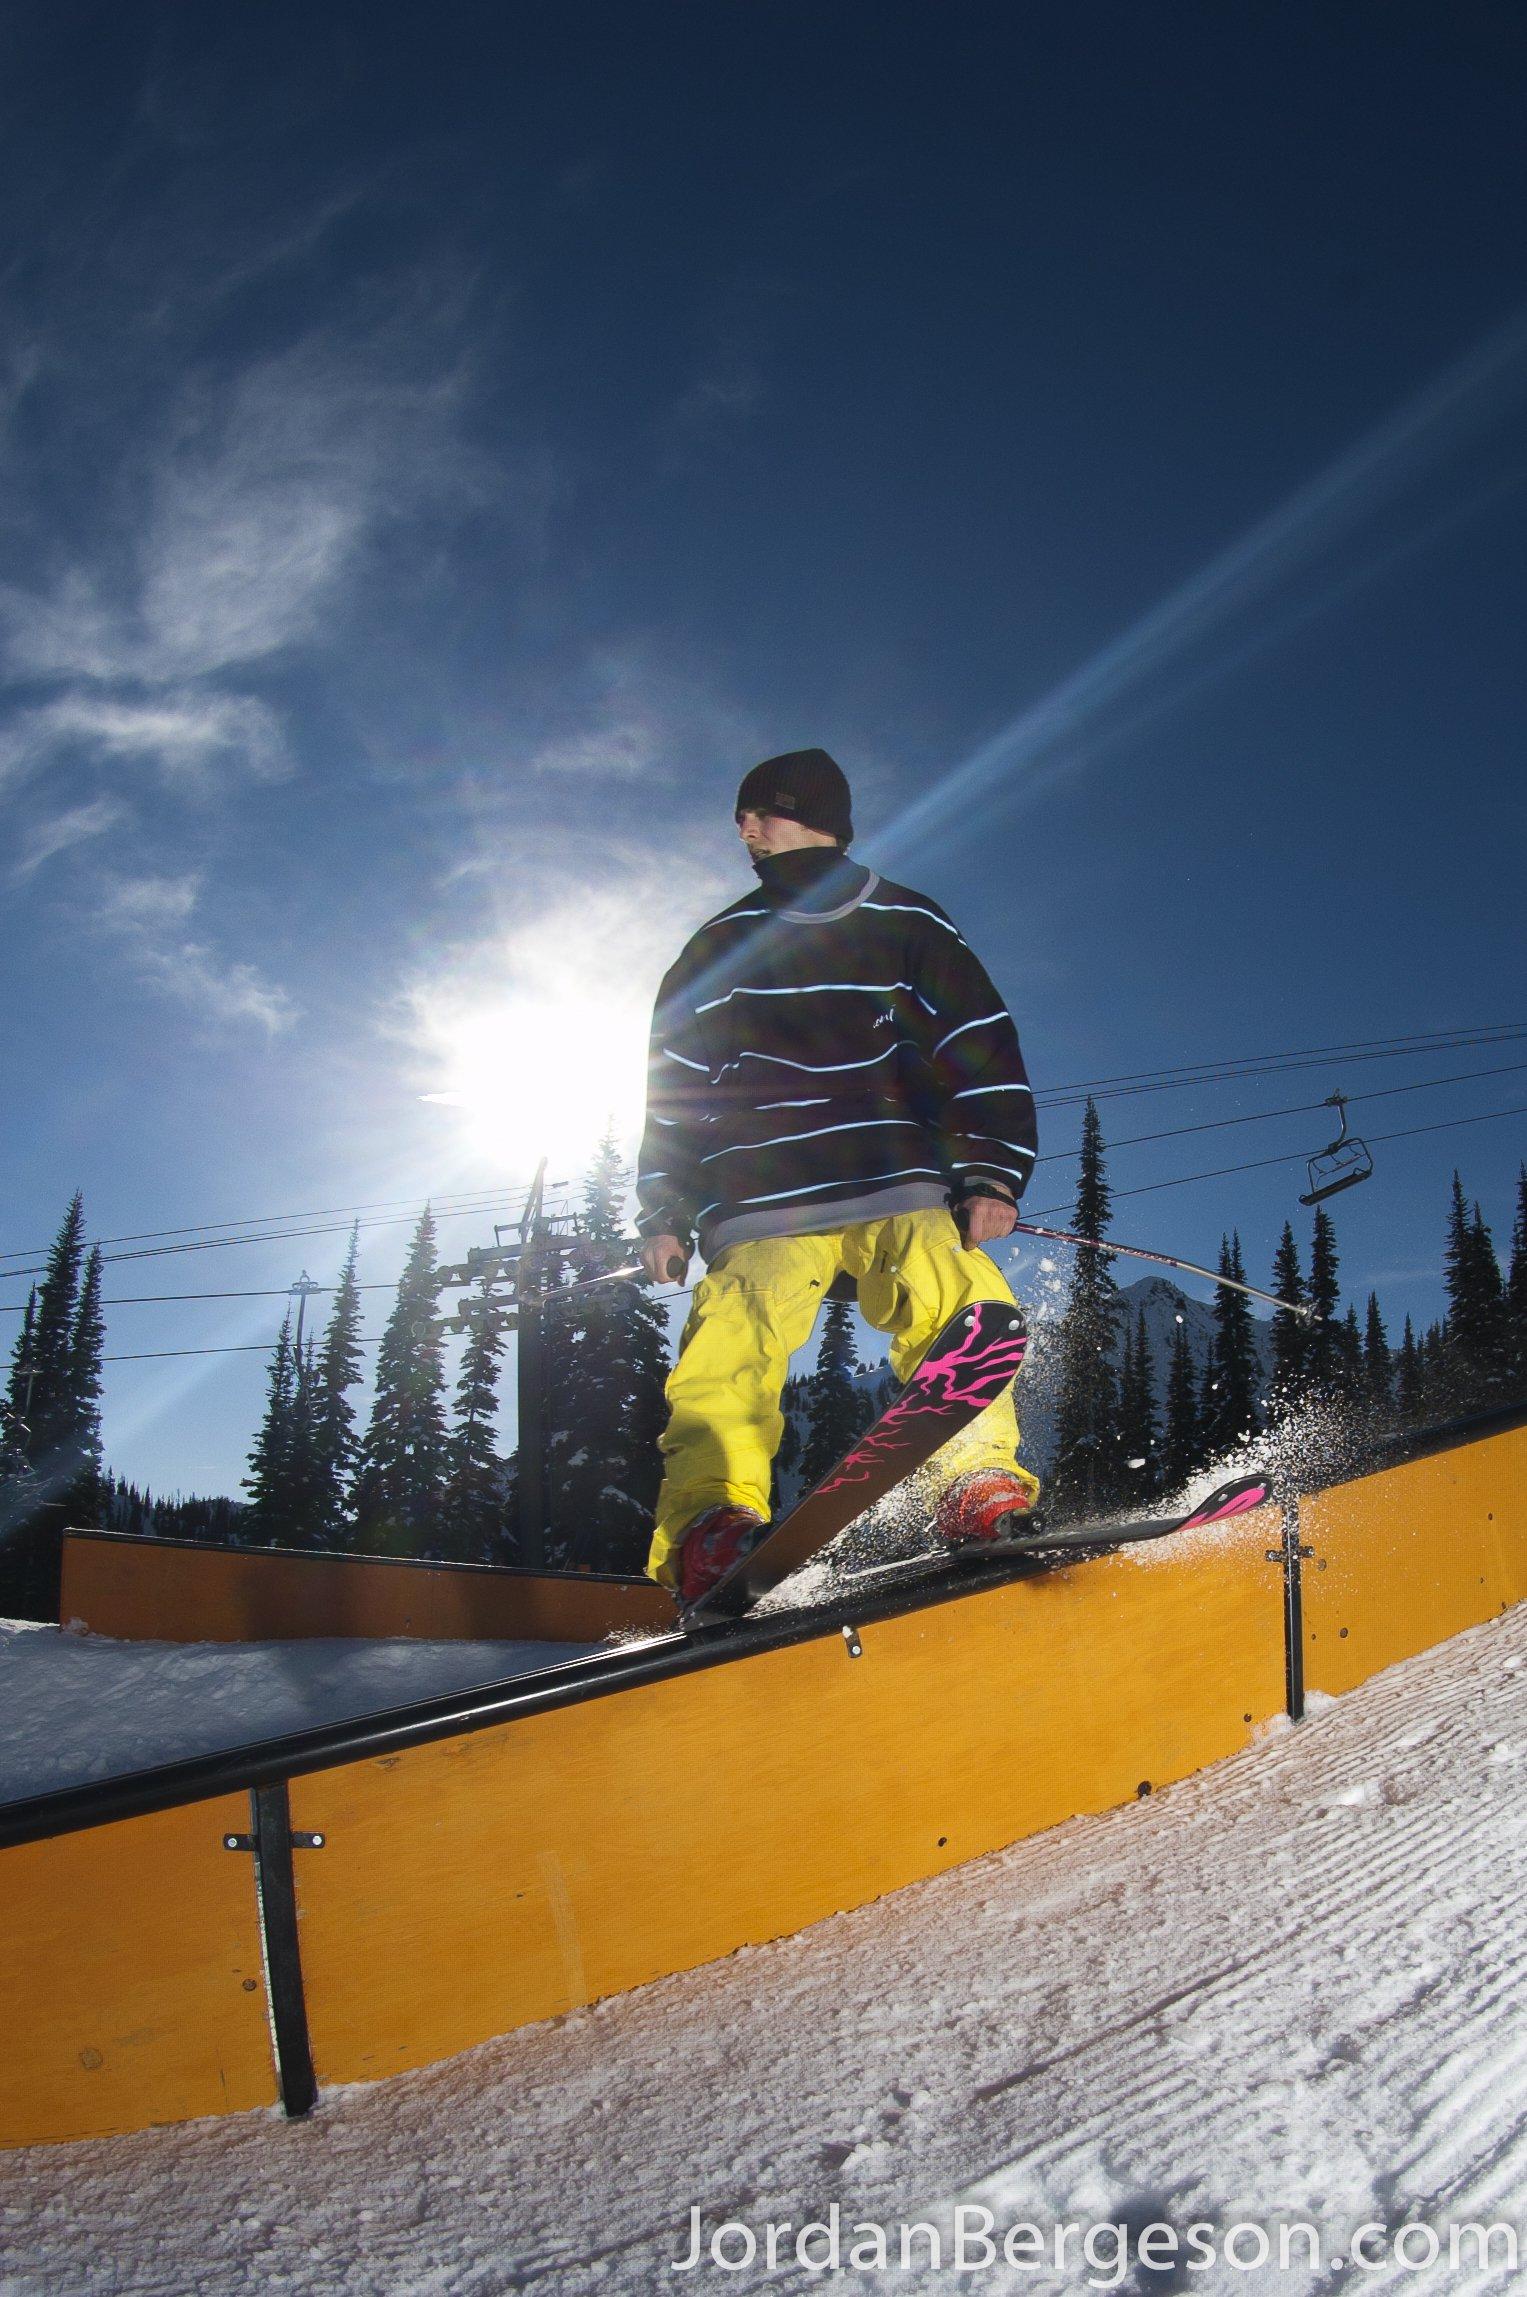 Skierslide